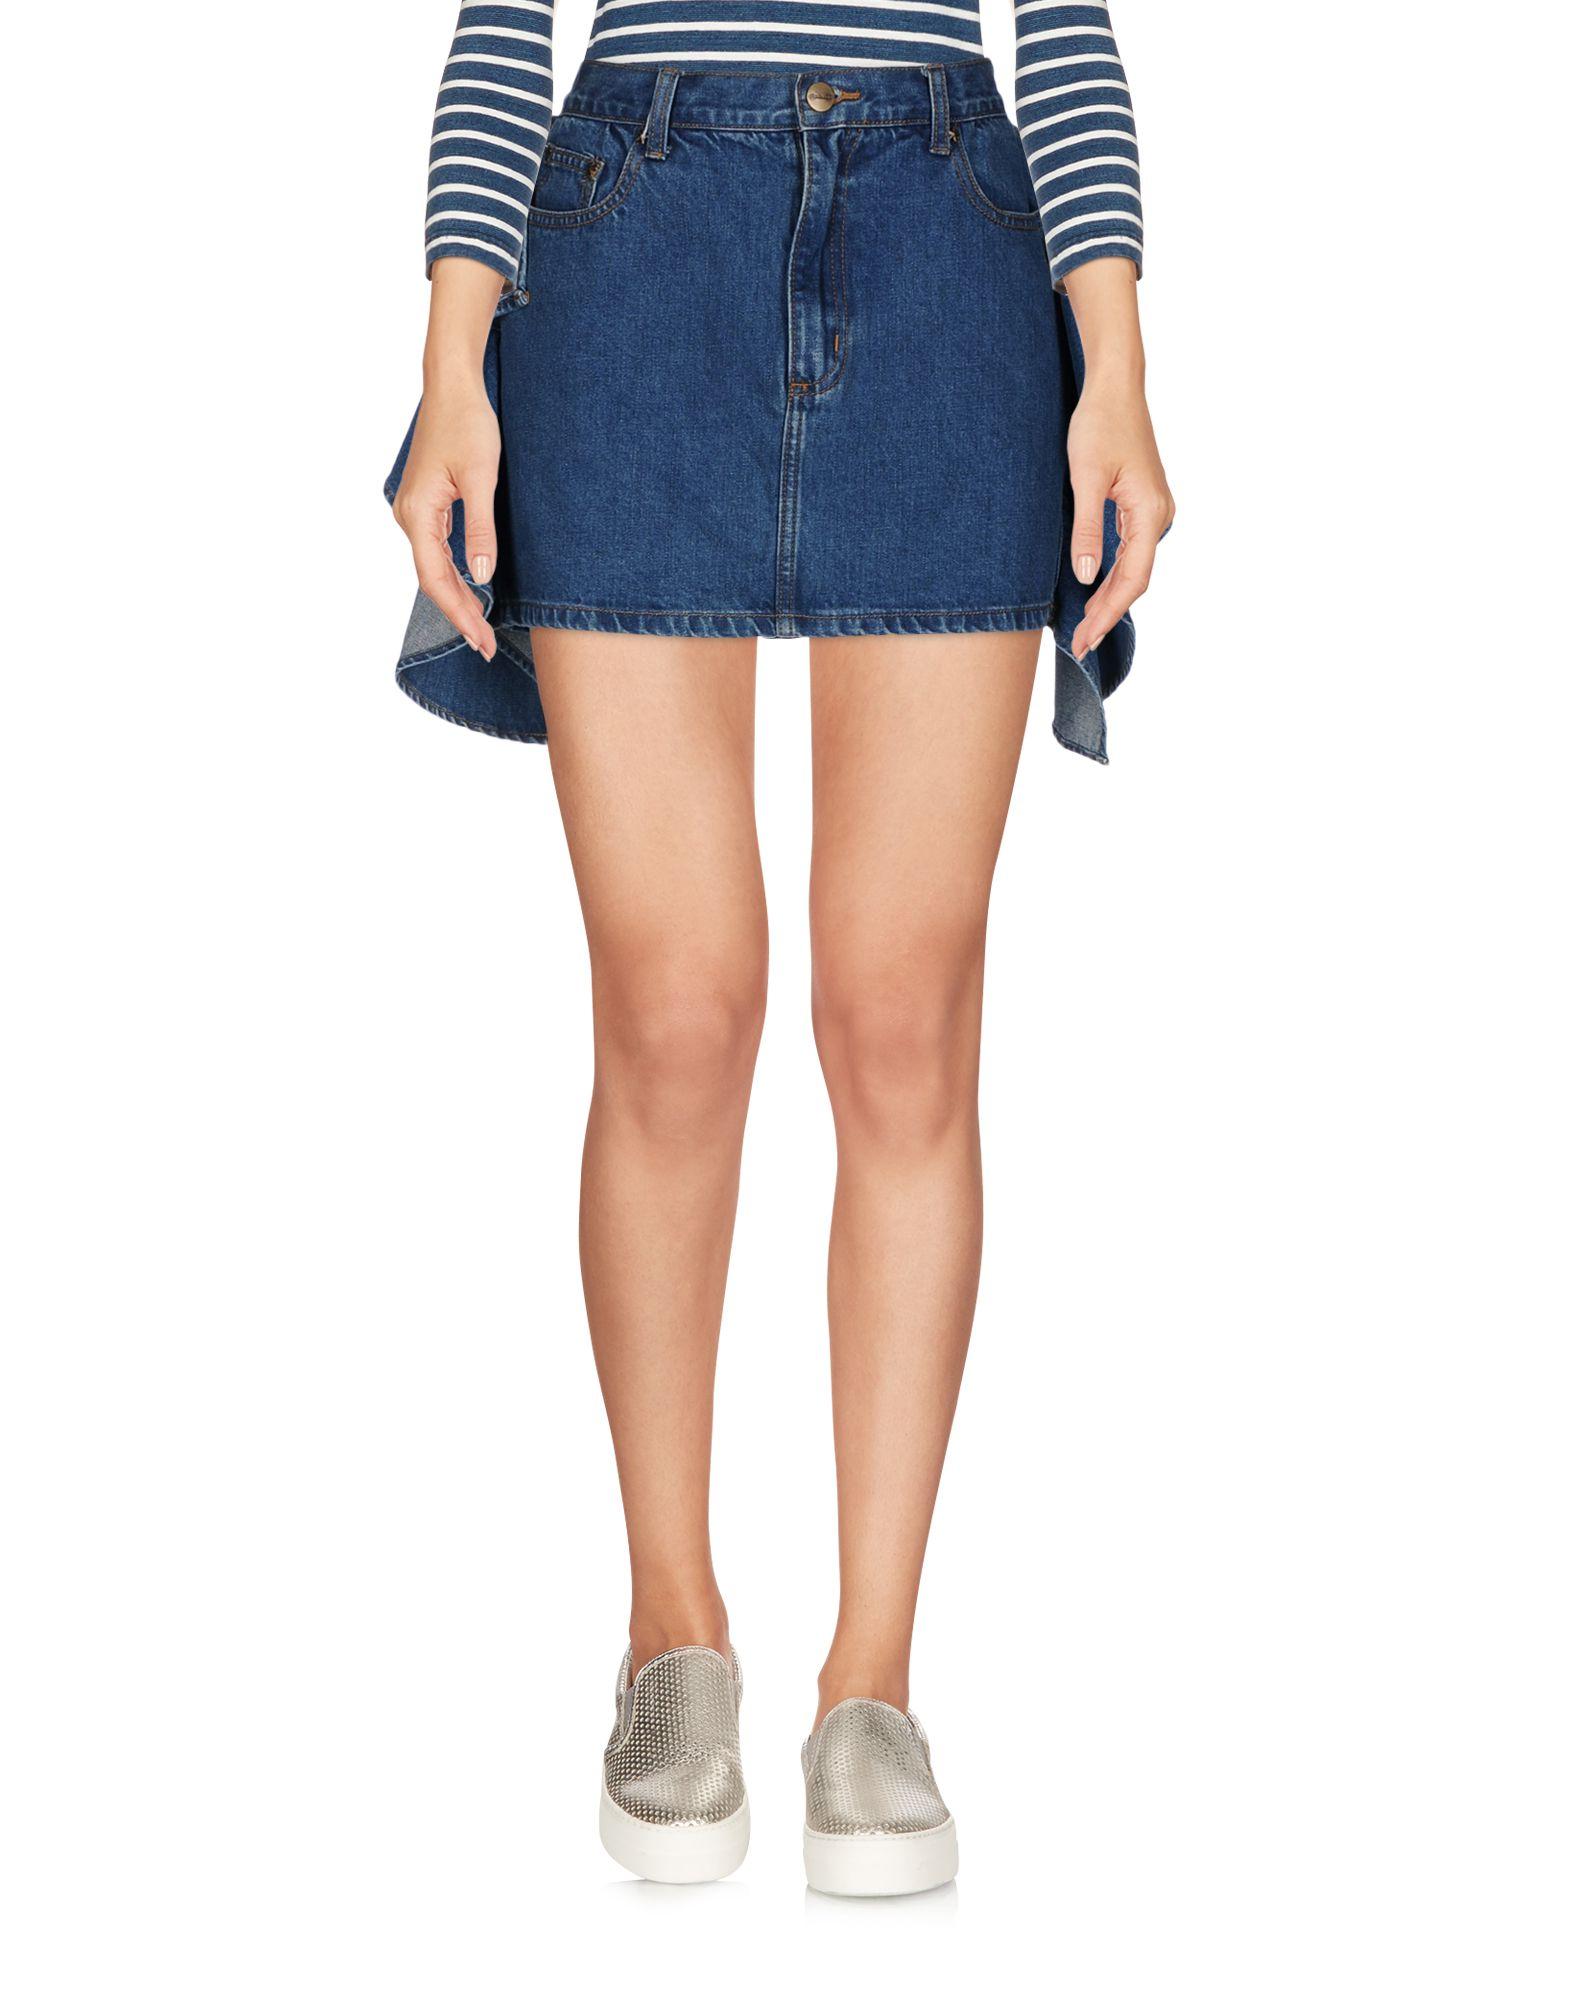 KENGSTAR Джинсовая юбка kengstar джинсовая верхняя одежда